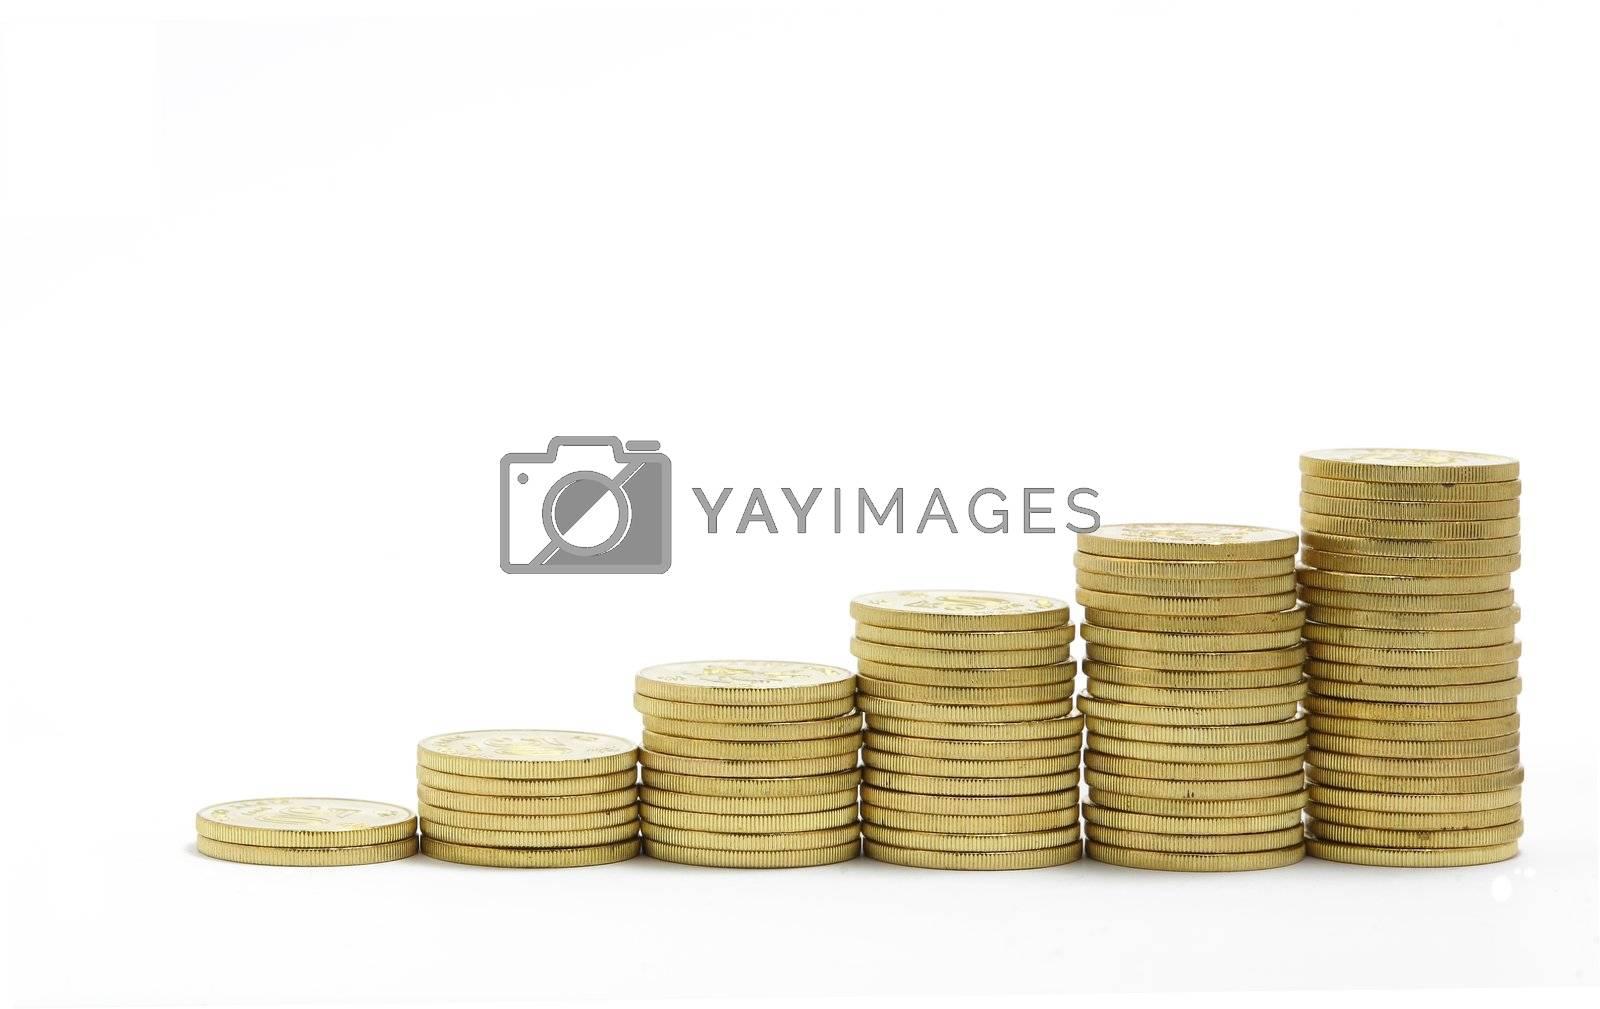 coins by leungchopan